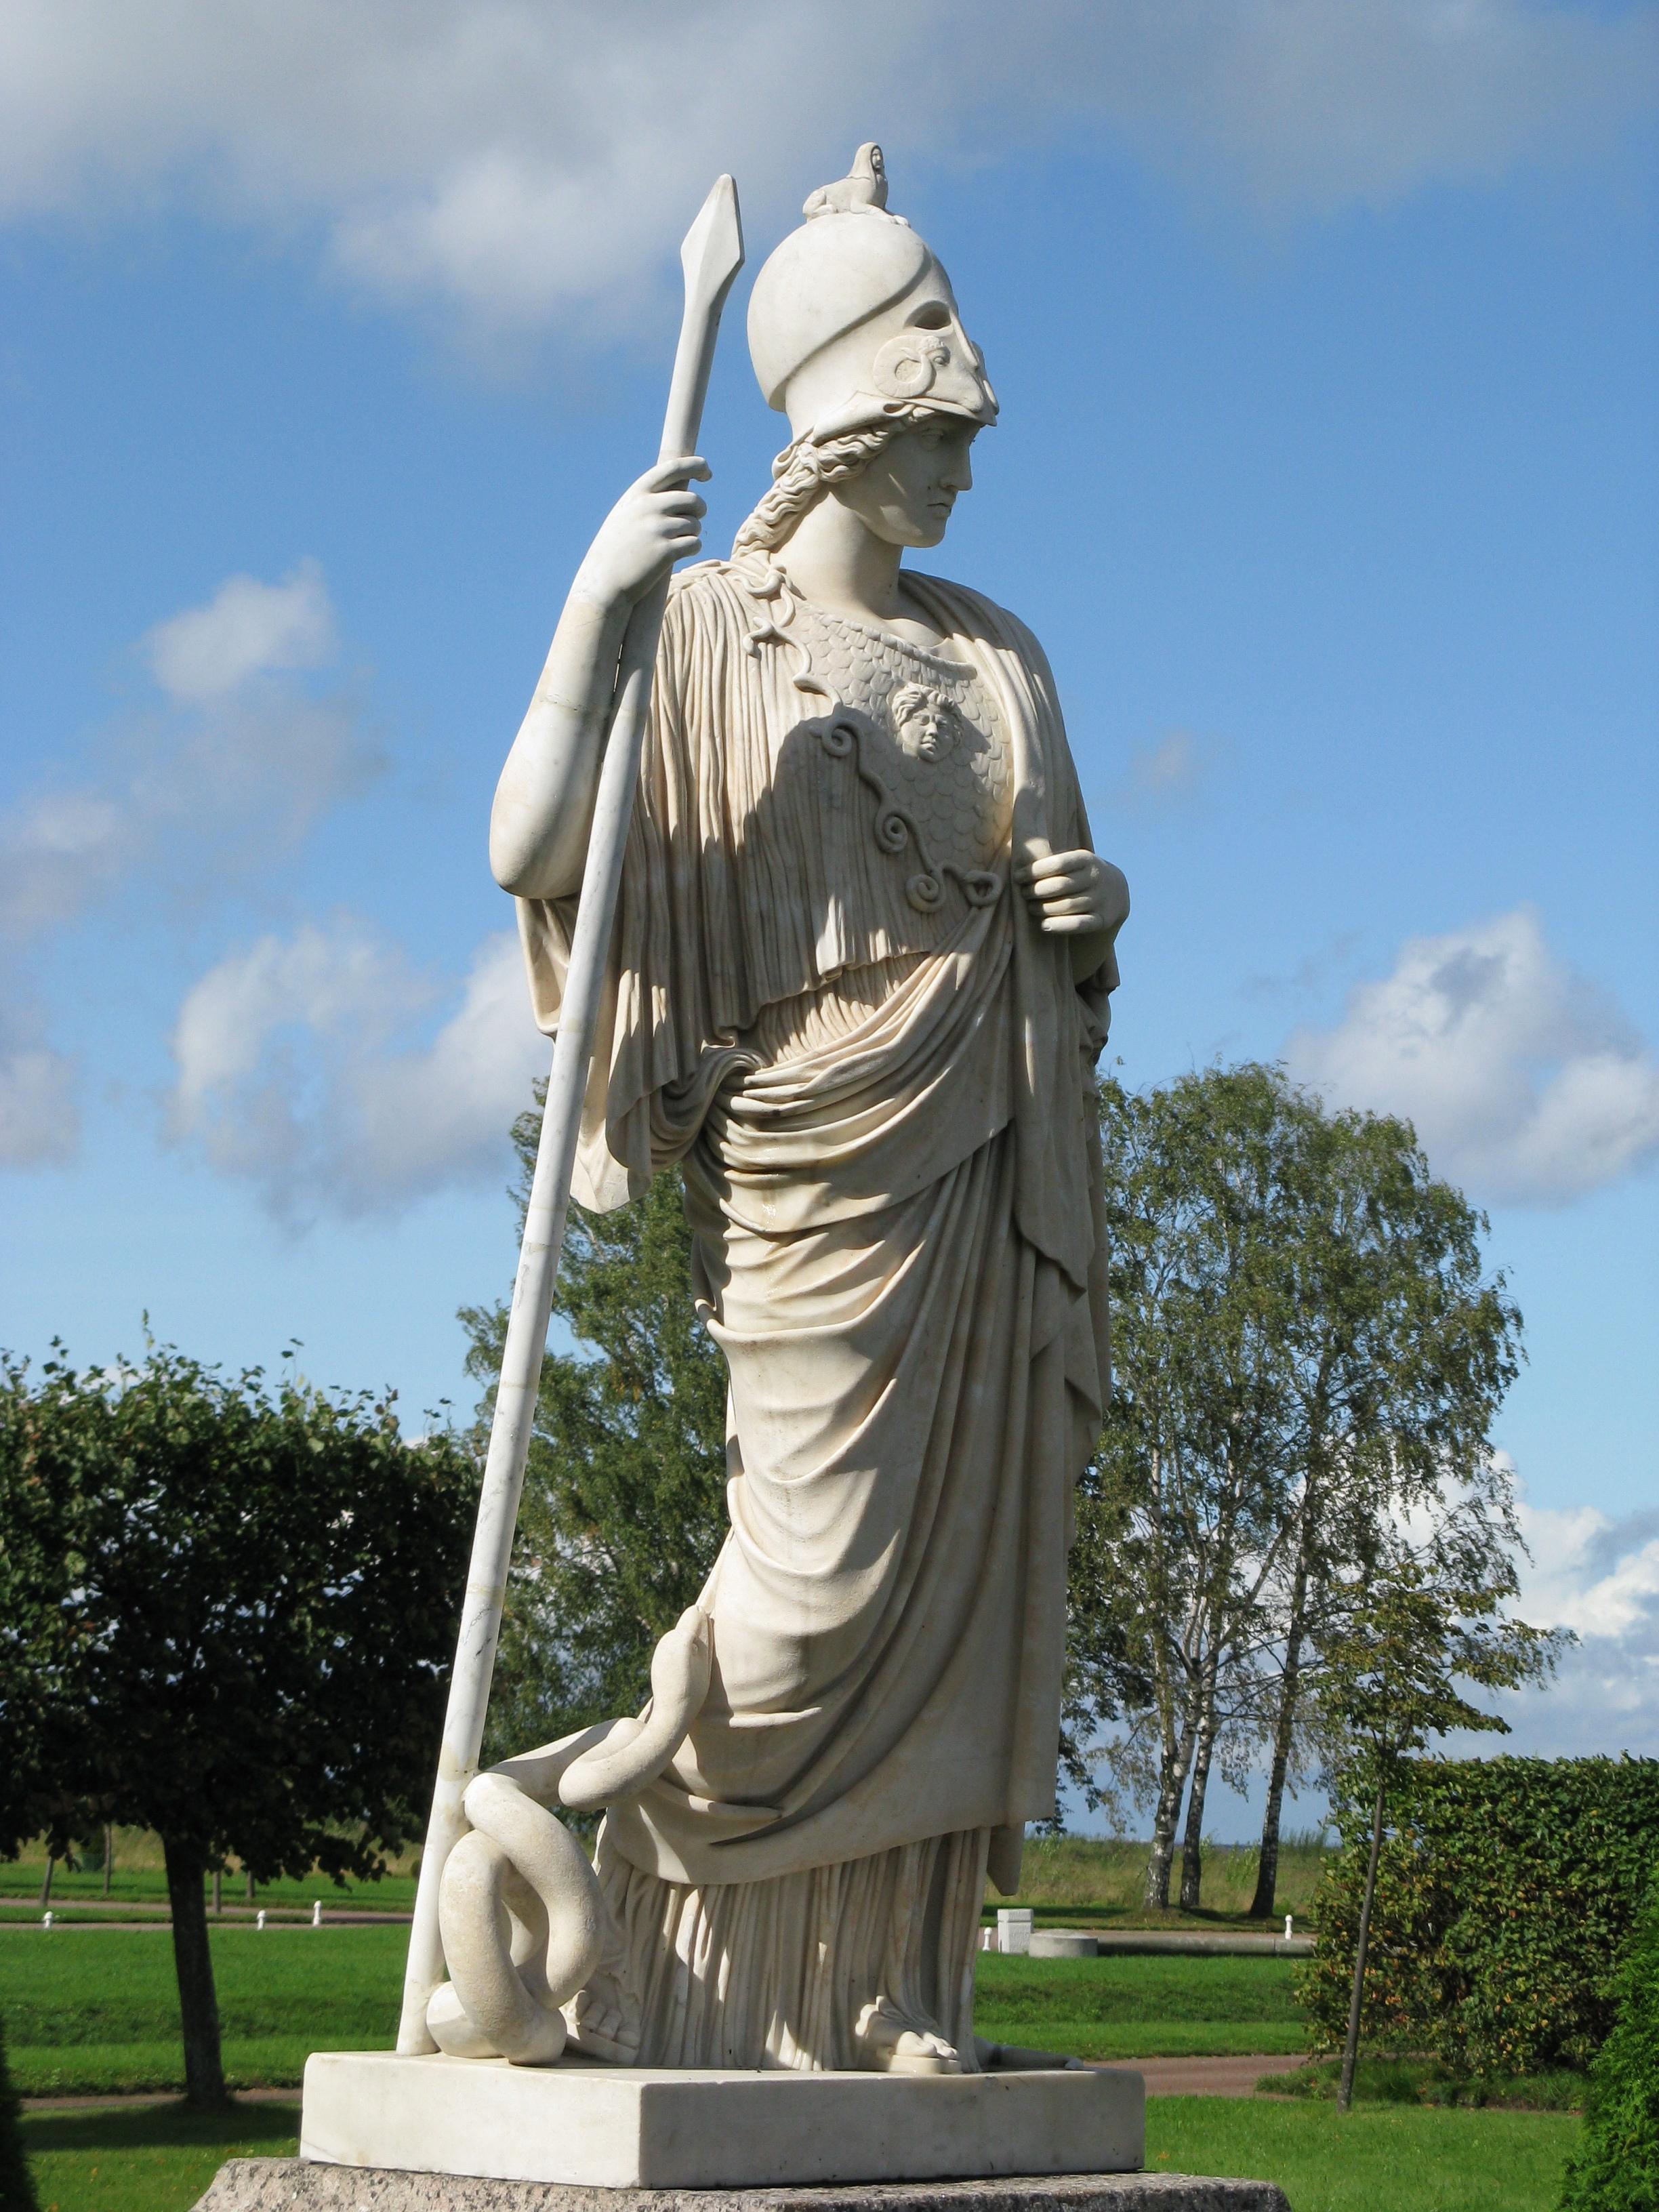 Афина же была Богиня, а не какая-нибудь модница. Значит, в форме головного убора имелся практический смысл?